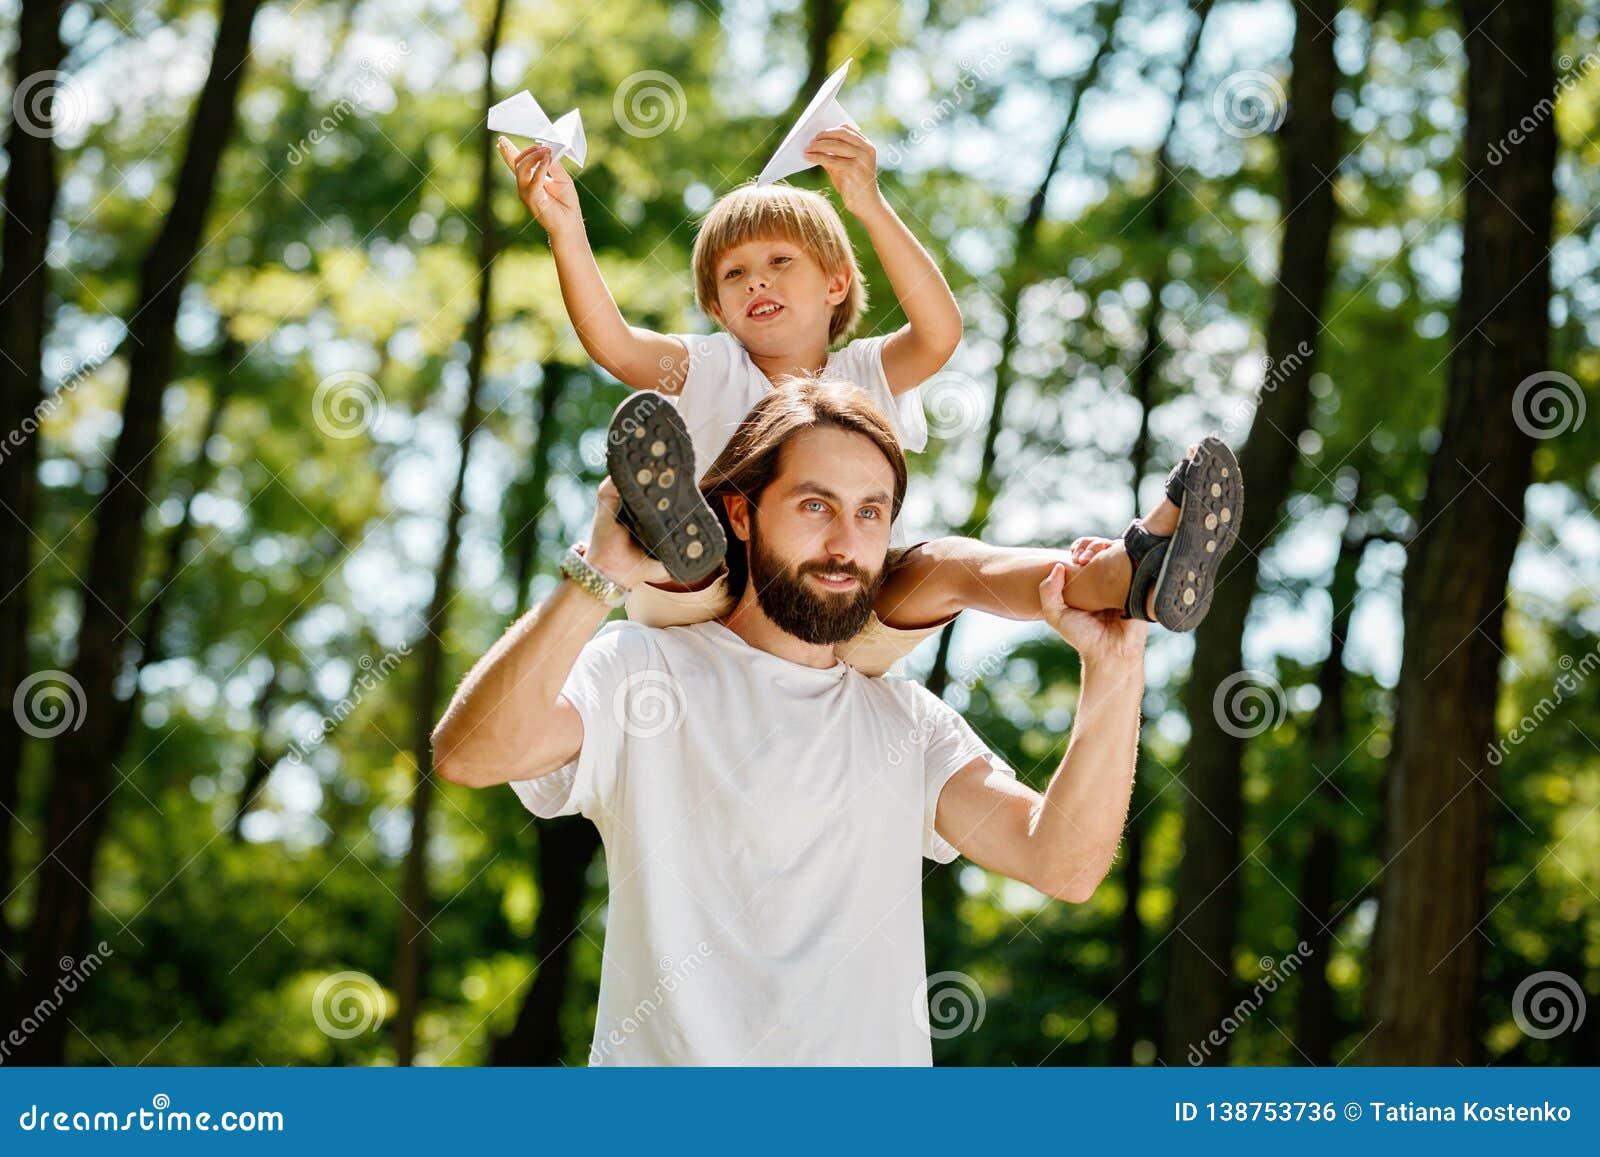 Der kleine Junge mit seinem Vater, der in den weißen T-Shirts gehend in den Waldjungen gekleidet wird, sitzt auf den Schultern vo